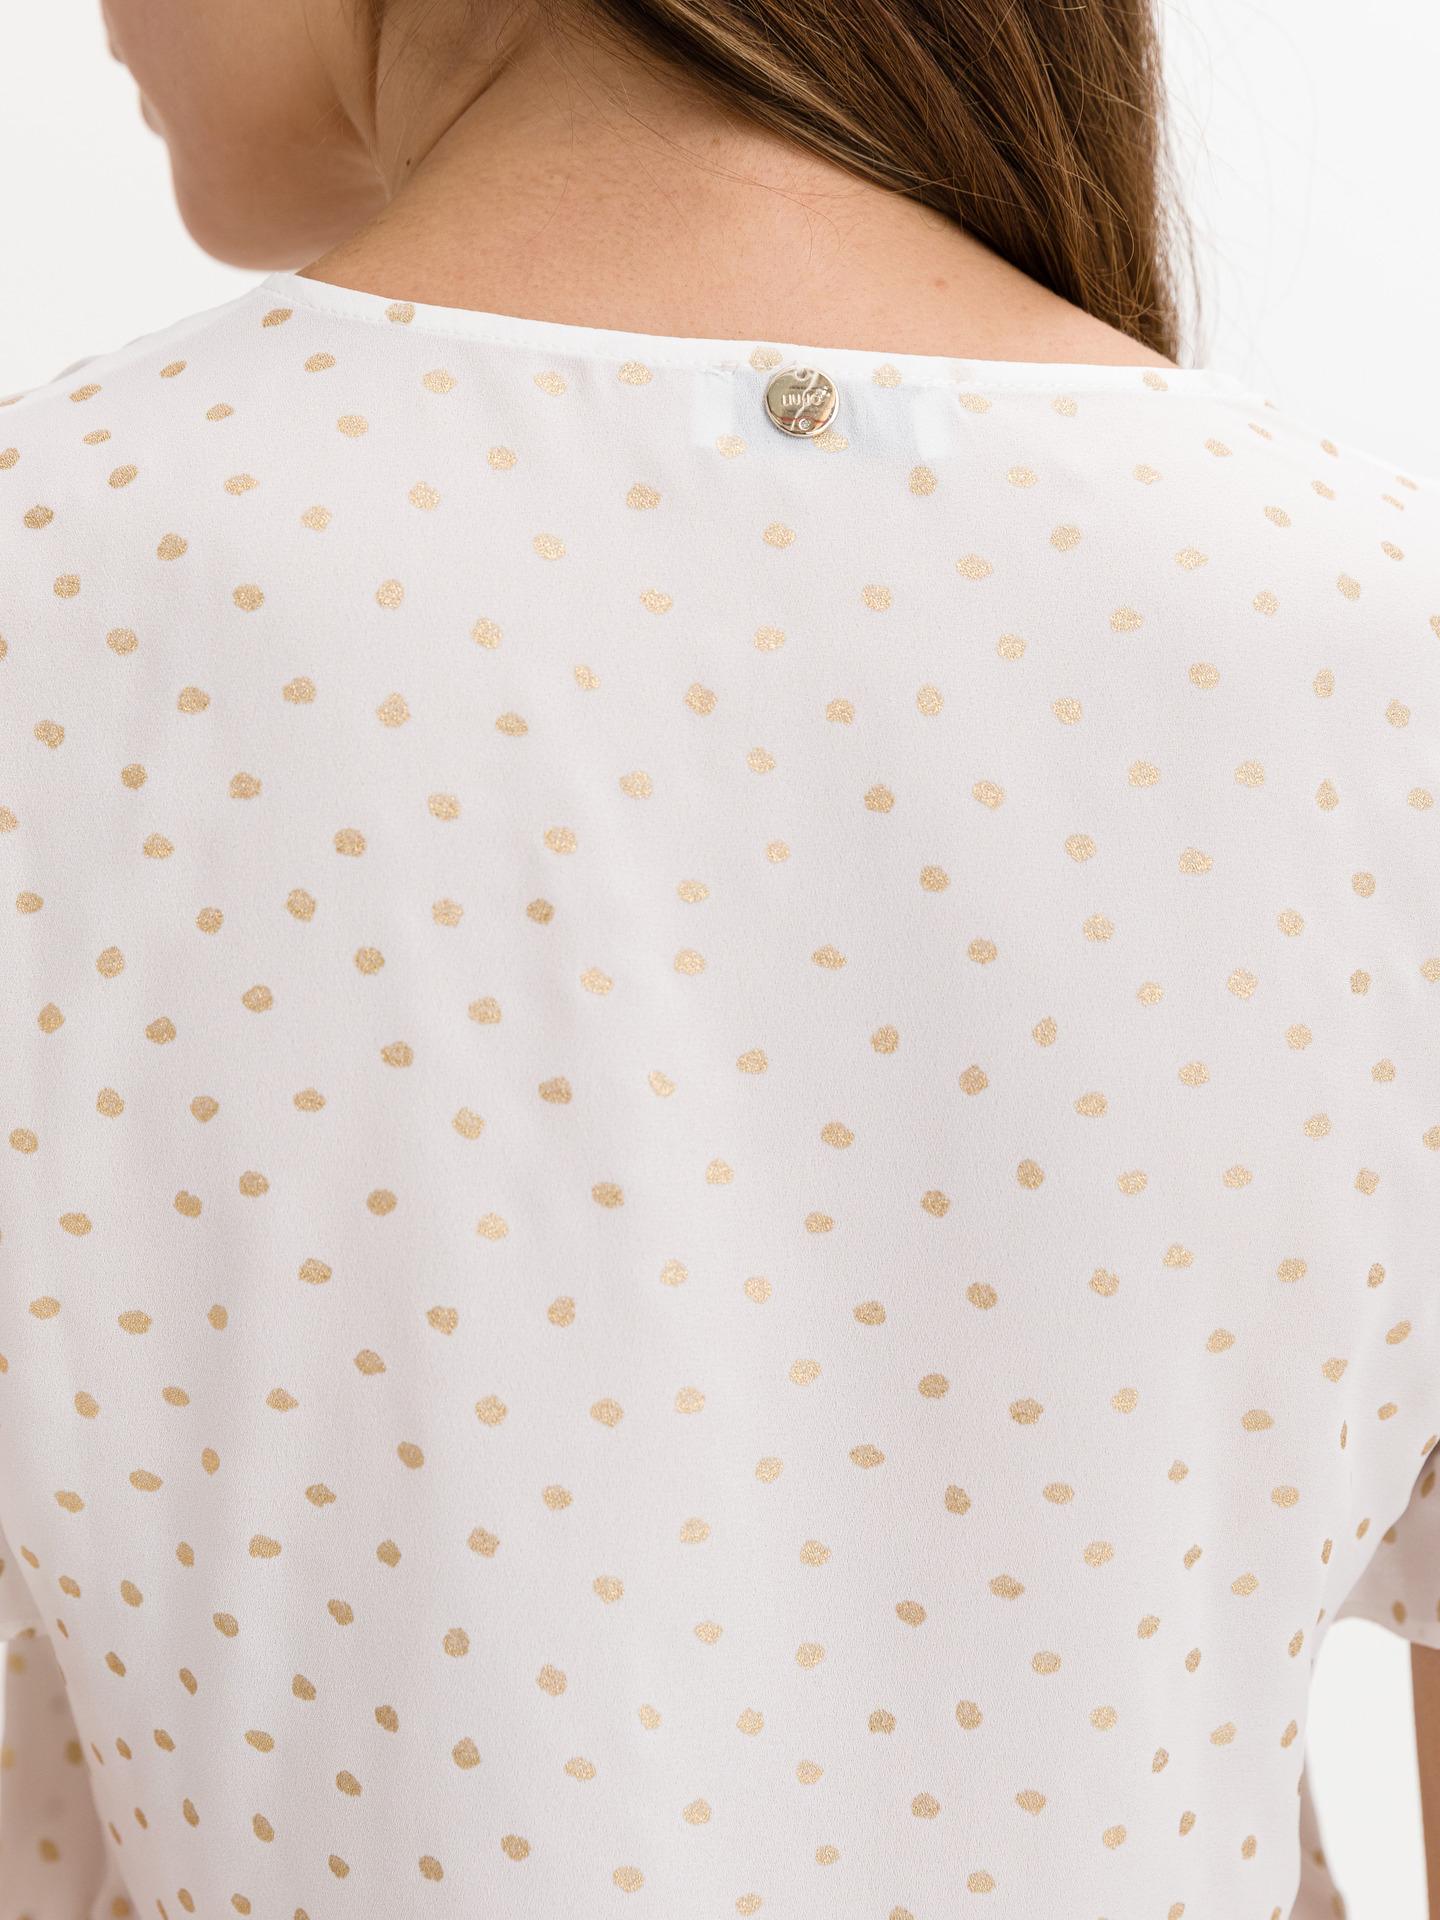 Liu Jo bianco camicetta